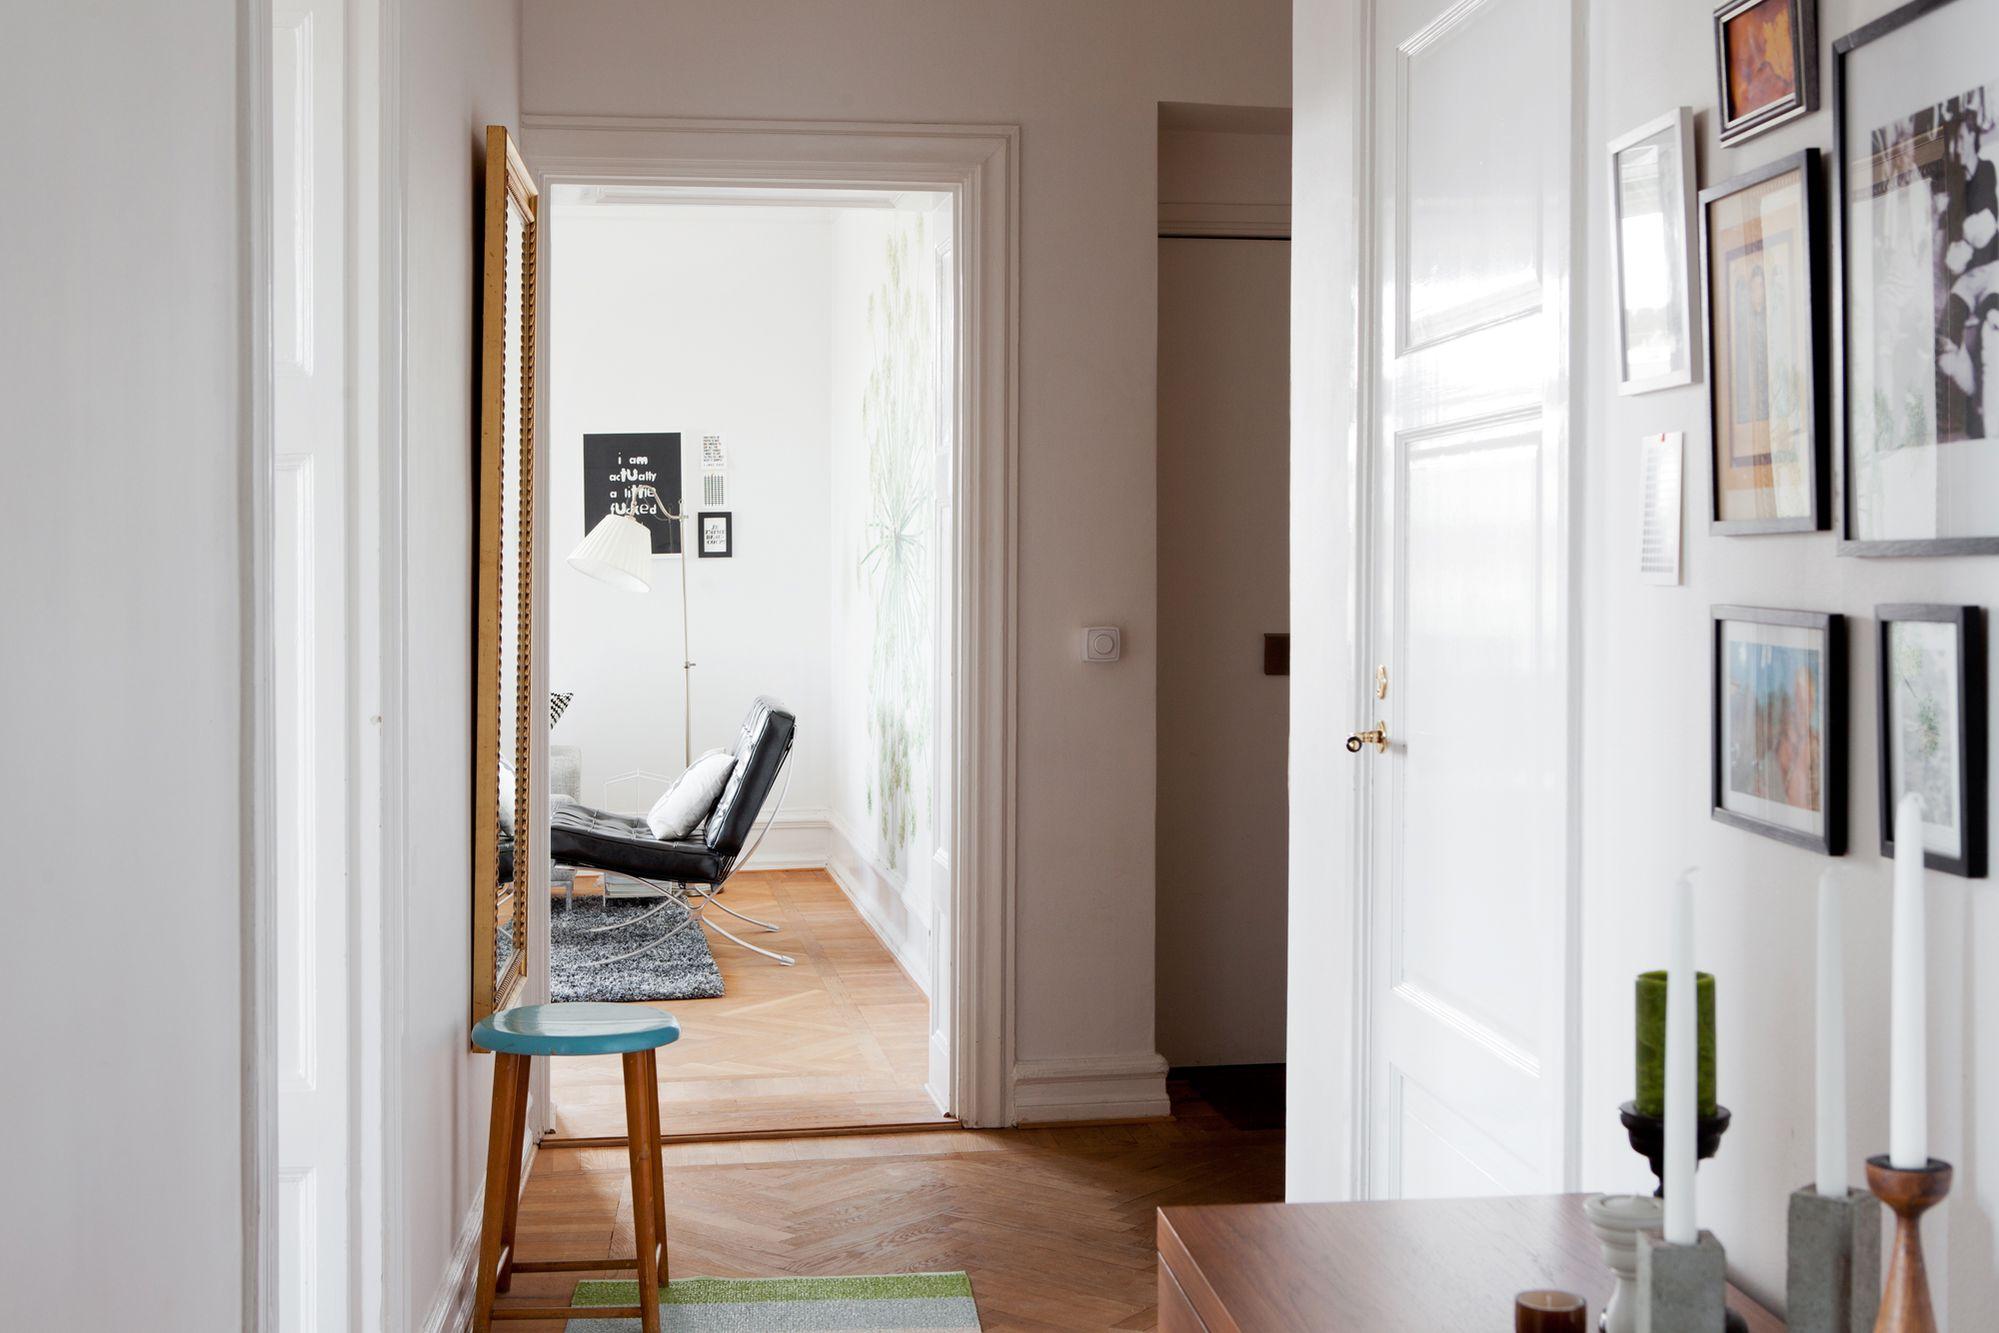 despacho nordico decoracion oficinas despacho decoracion lugares de